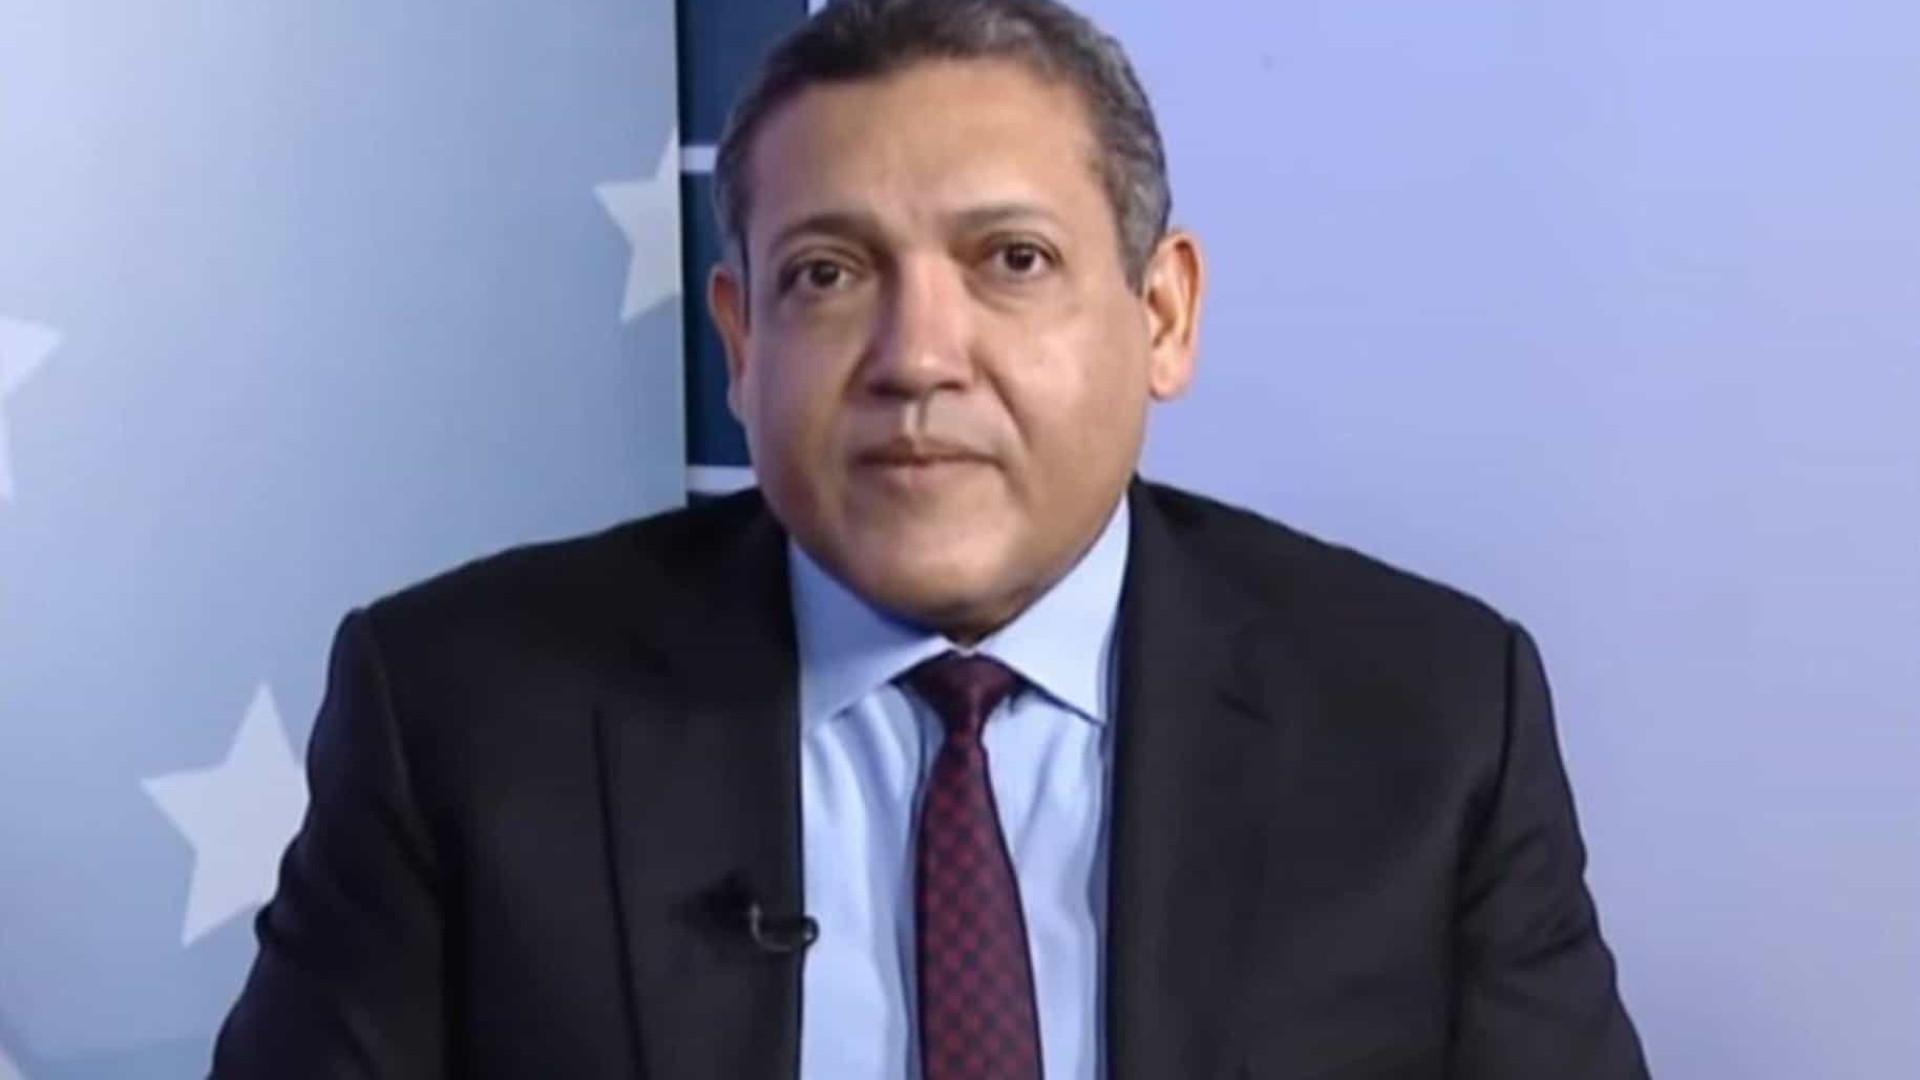 Senadores questionam exageros em currículo, e indicado por Bolsonaro ao STF defende lisura